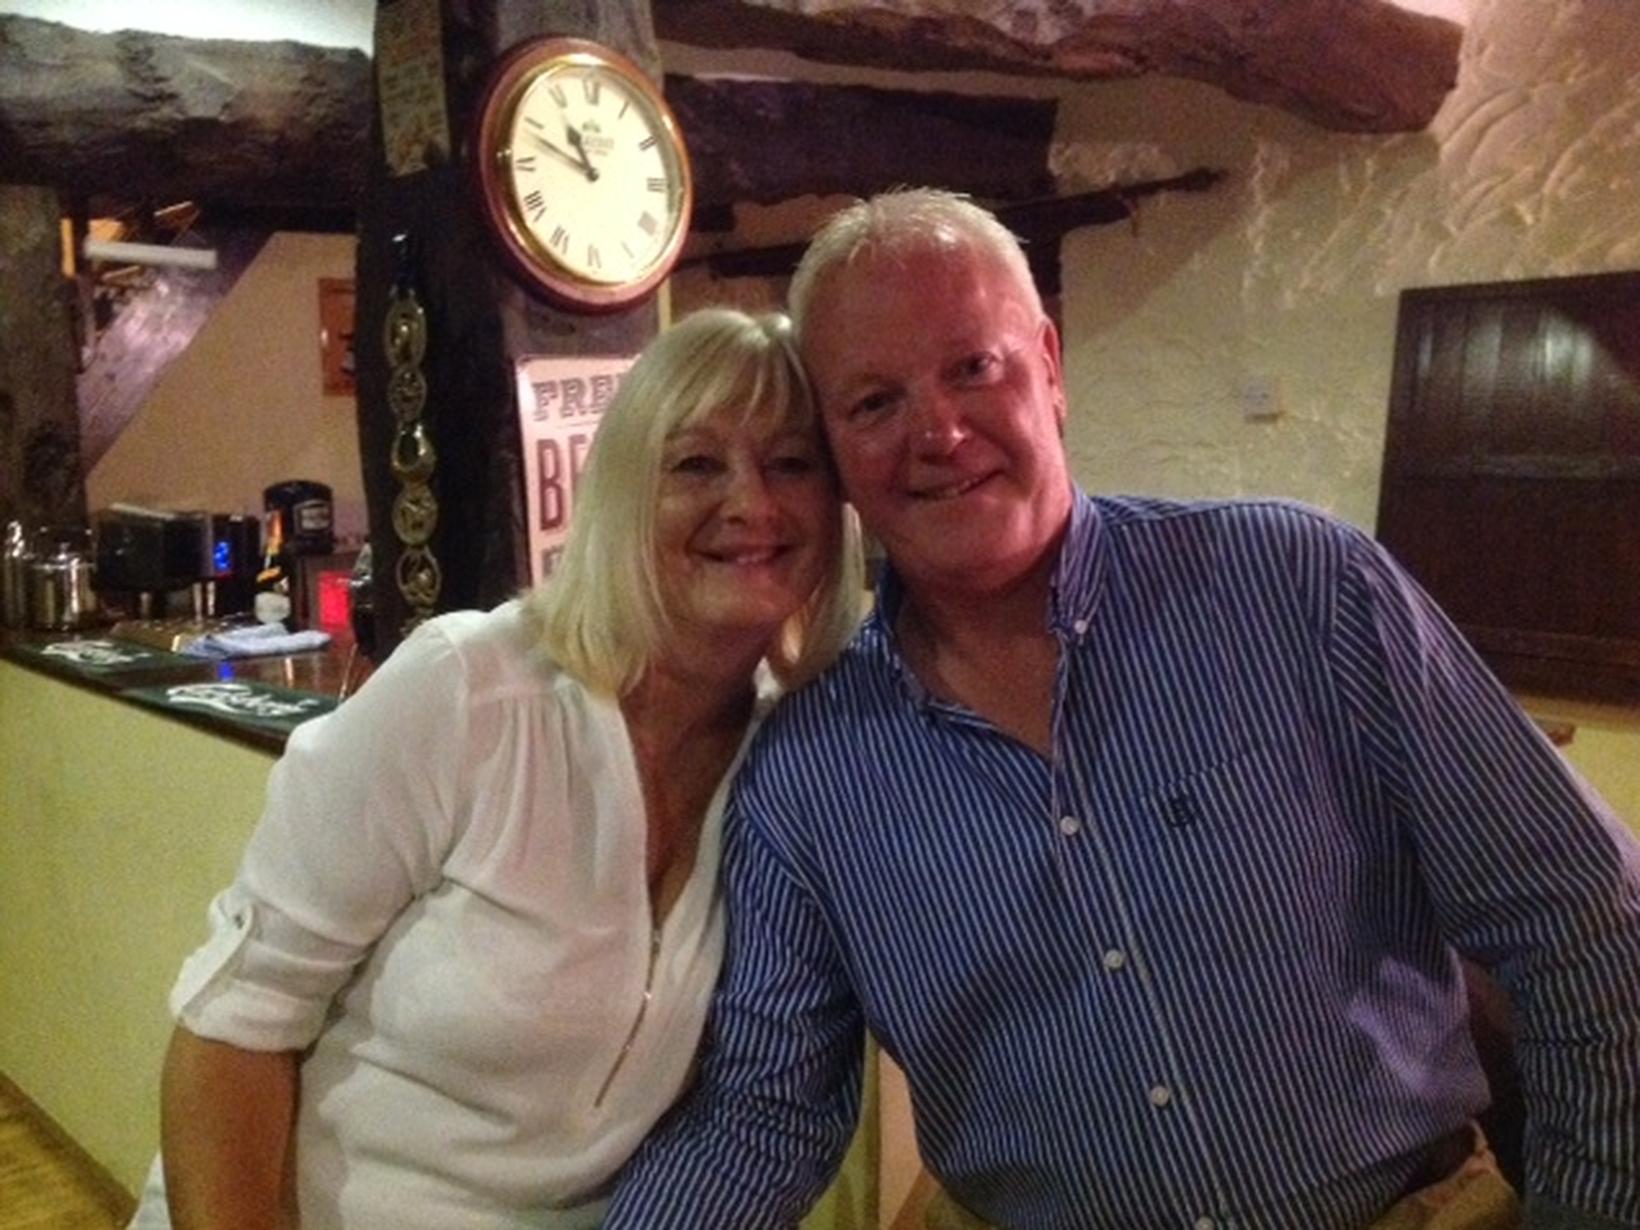 Jenny & Philip from Josselin, France